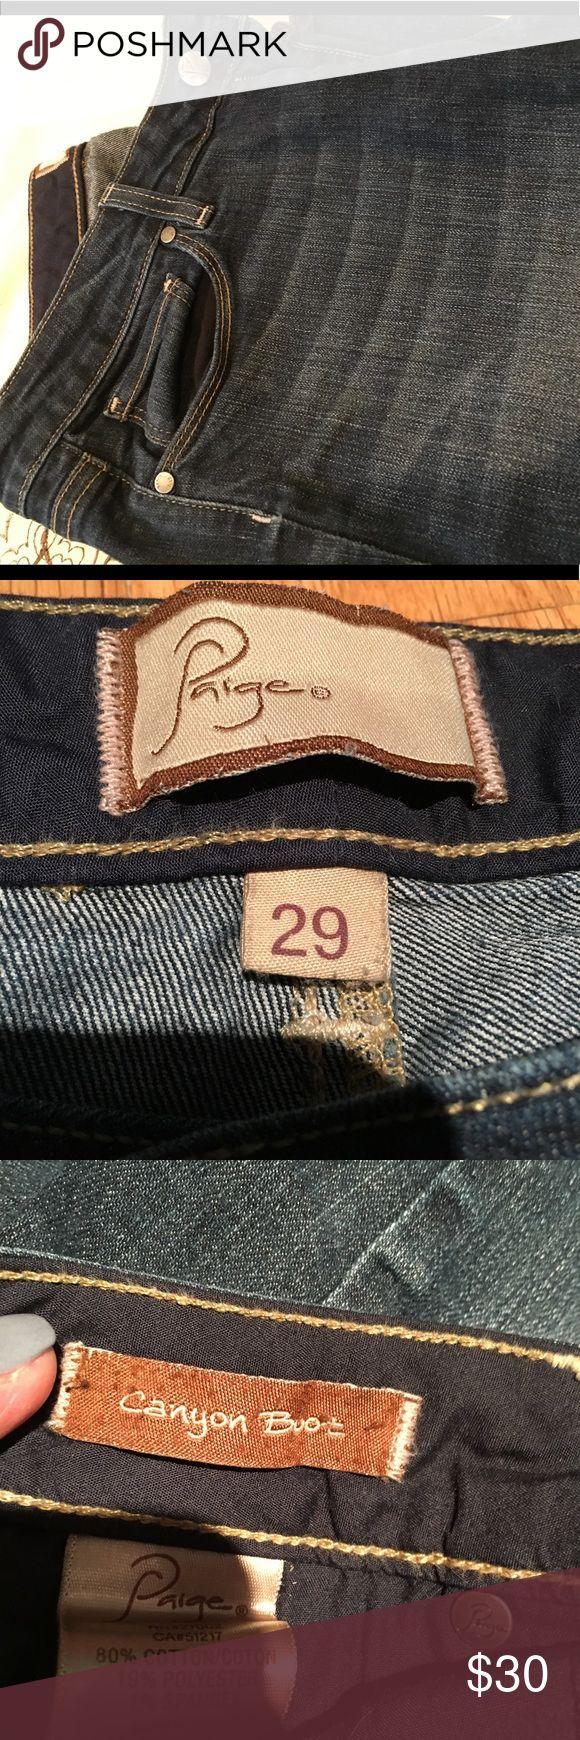 Paige Jeans 29 canyon boot Paige Jeans Canyon Boot cut size 29 medium wash excellent condition Paige Jeans Jeans Boot Cut